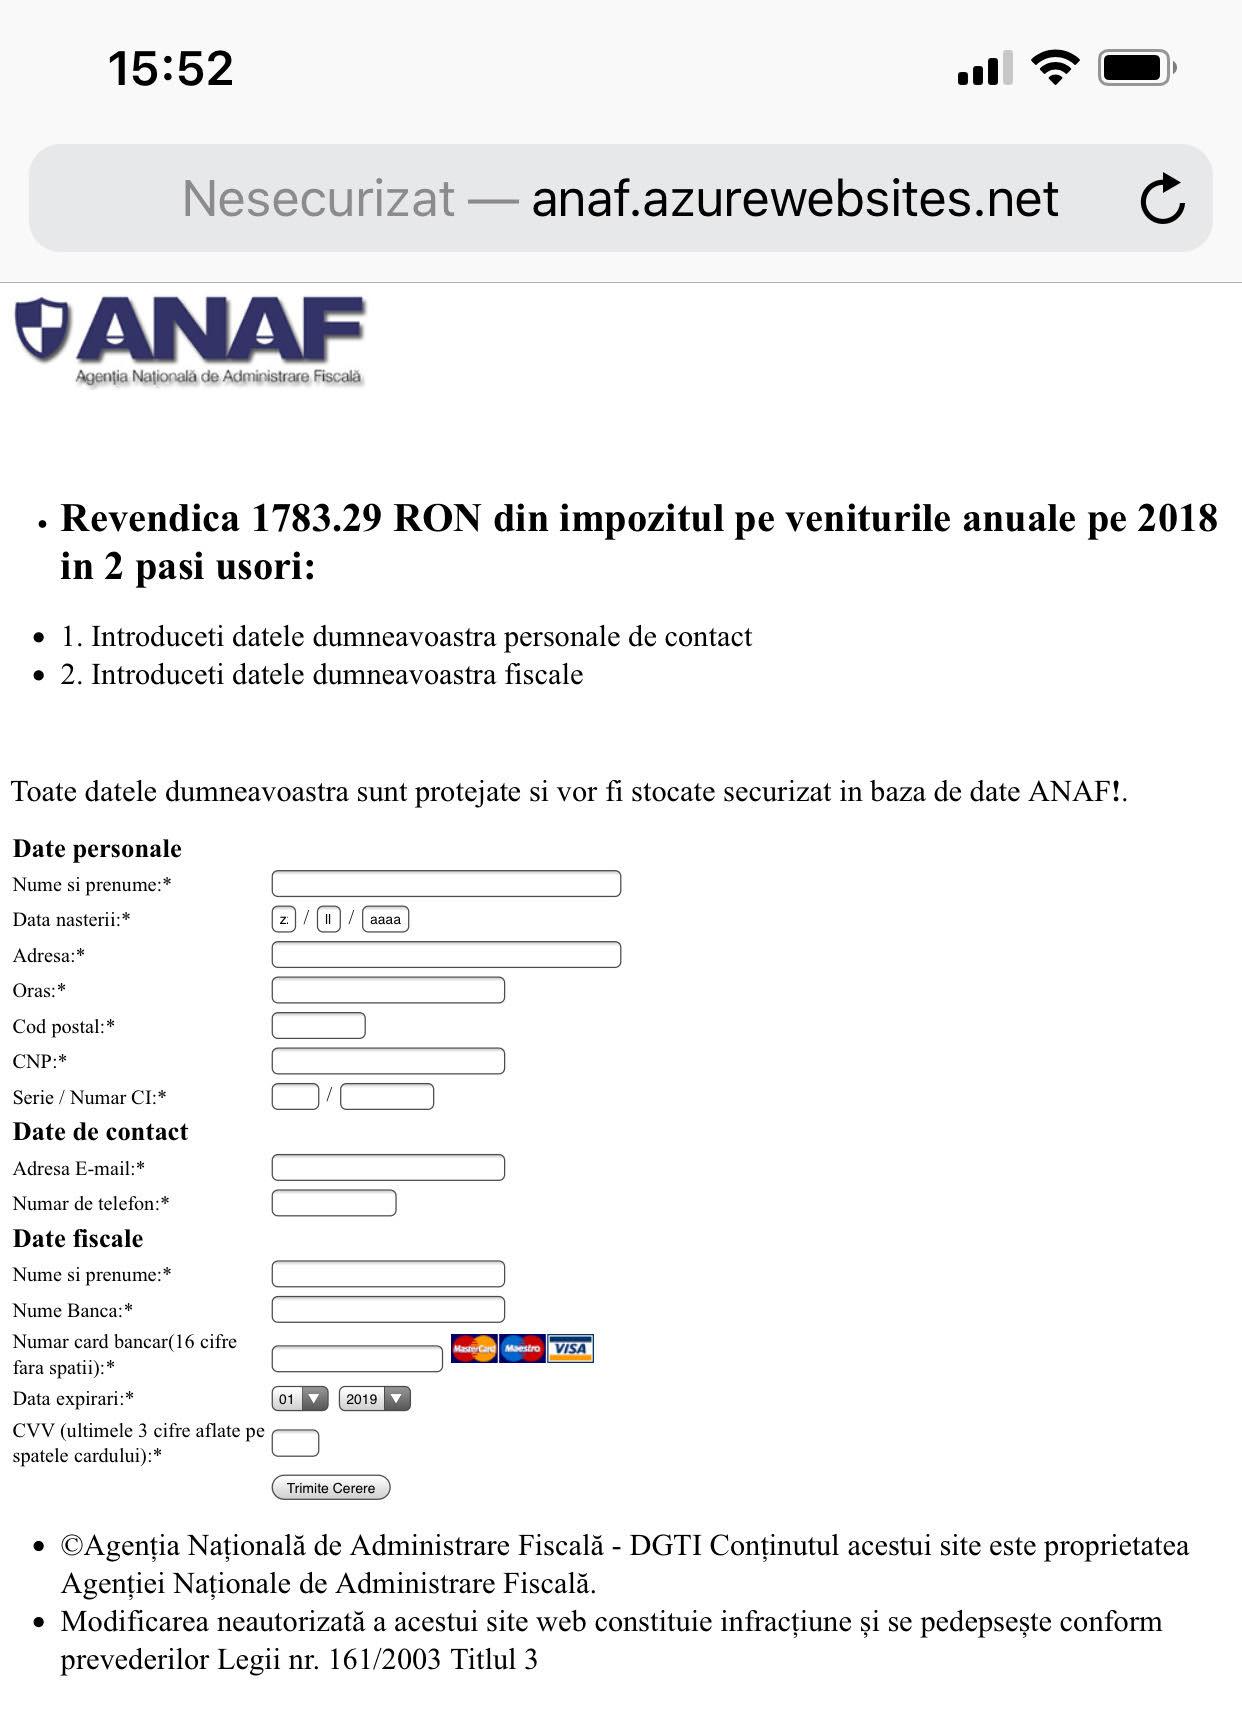 ANAF frauda card